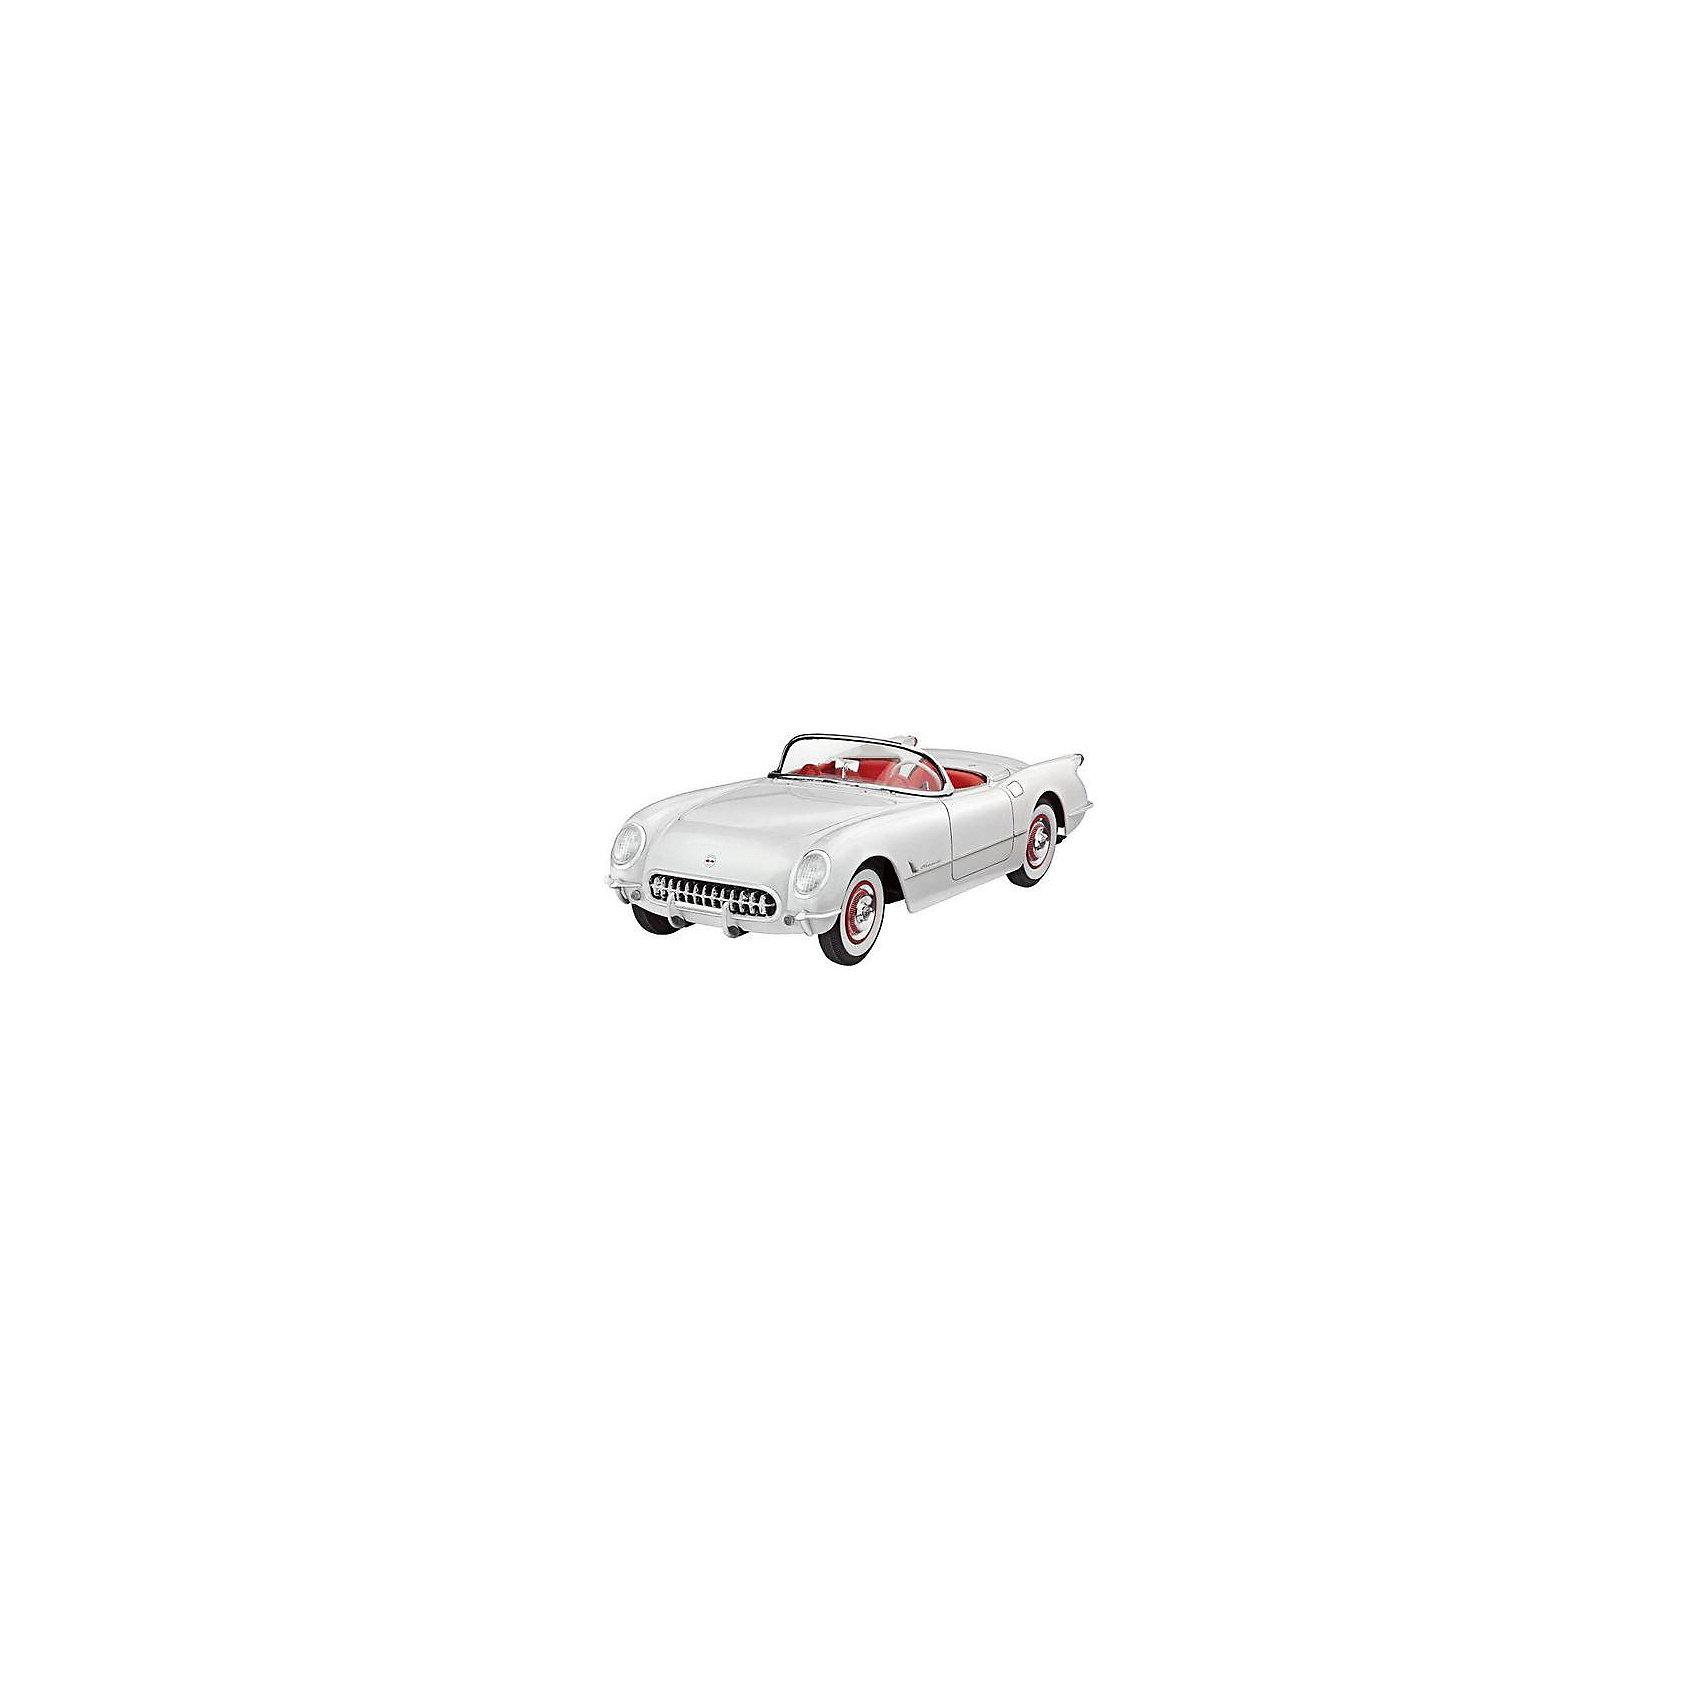 Автомобиль 53 Corvette RoadsterМодели для склеивания<br>Сборная модель 53 Corvette Roadster выполнена в традиционном для автомобилей масштабе 1:24. Прототип данной модели был создан в начале 50-х годов 20 века. Тогдашний ведущий дизайнер компании General Motors решил создать новый спорткар, который сможет конкурировать с аналогичными автомобилями из Европы. Результат работы американского концерна был показан на выставке в 1953 году. Автомобиль сразу пришелся по душе публике, поэтому серийное производство началось в конце того же года.  <br>53 Corvette Roadster от Revell может похвастаться: <br>-аутентичным шестицилиндровым двигателем; <br>-открывающимся капотом; <br>-проработанным интерьером с копией приборной панели; <br>-кузовом, с проработкой мелких деталей: <br>Модель выполнена из пластика, поэтому для ее сборки вам потребуется специальный клей. Для покраски рекомендуется использовать акриловые или эмалевые краски Revell. Хромированные детали, которые присутствуют в наборе, рекомендуется зачищать от краски в местах склеивания. Прозрачные пластиковые детали рекомендуется клеить специальным клеем Contacta Clear.  <br>Внимание! Все вышеперечисленные расходные материалы не входят в набор и приобретаются отдельно. <br>Сборные модели от компании Revell помогут ребенку развить у ребенка творческие способности, аккуратность, усидчивость и мелкую моторику рук.  <br><br>Количество деталей: 91 <br>Длина модели: 177 мм <br>Уровень сложности: 4<br><br>Ширина мм: 9999<br>Глубина мм: 9999<br>Высота мм: 9999<br>Вес г: 9999<br>Возраст от месяцев: 120<br>Возраст до месяцев: 2147483647<br>Пол: Мужской<br>Возраст: Детский<br>SKU: 7122337